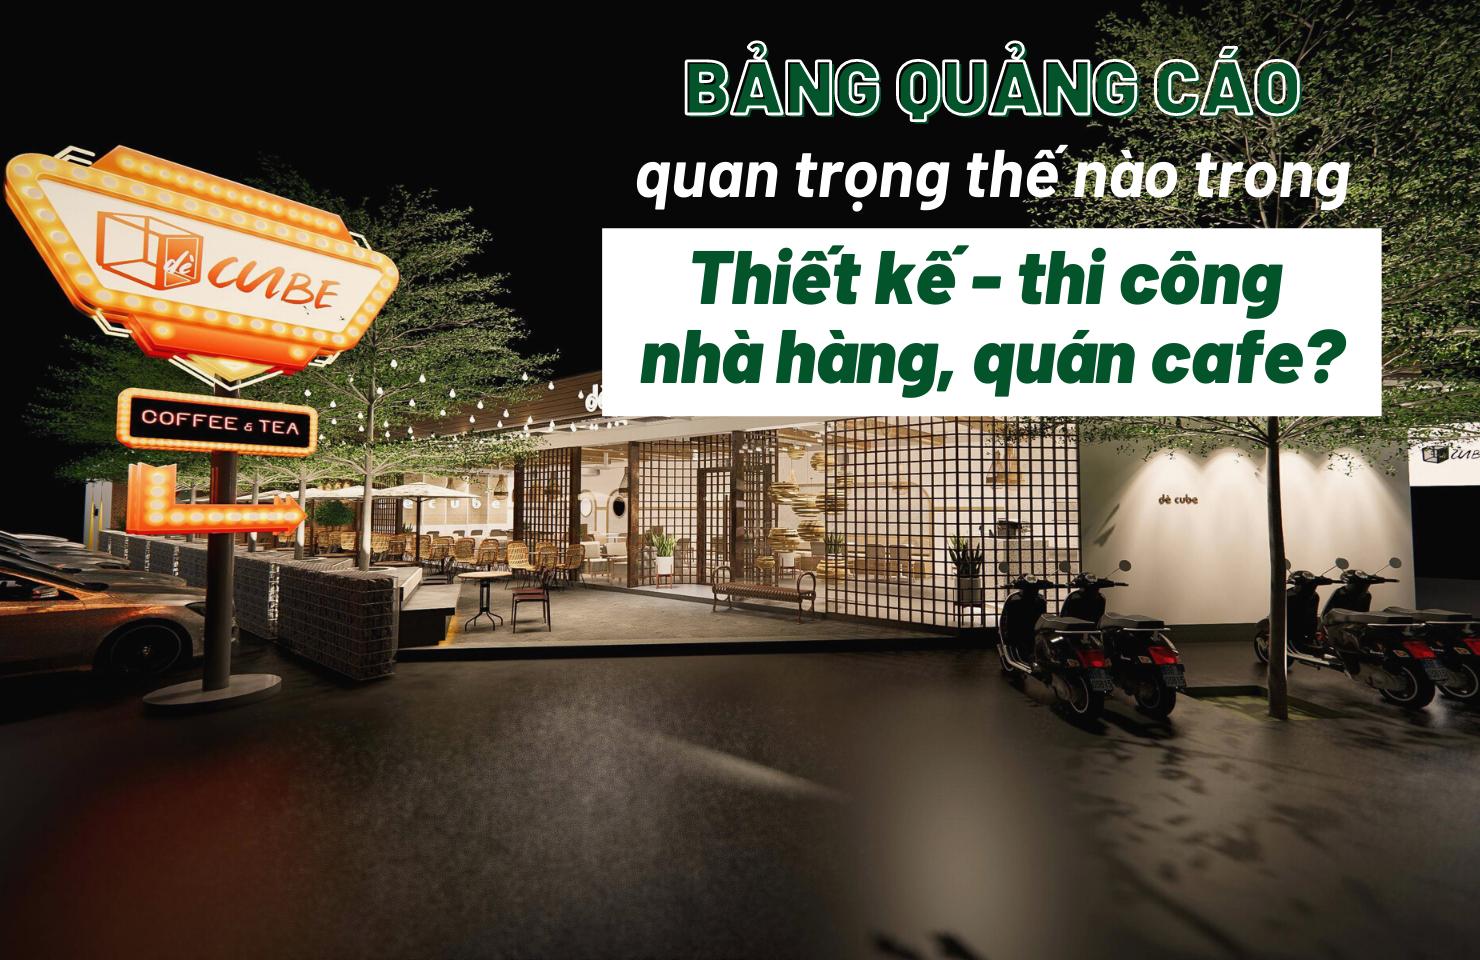 bang-quang-cao-trong-thiet-ke-thi-cong-nha-hang-quancafe